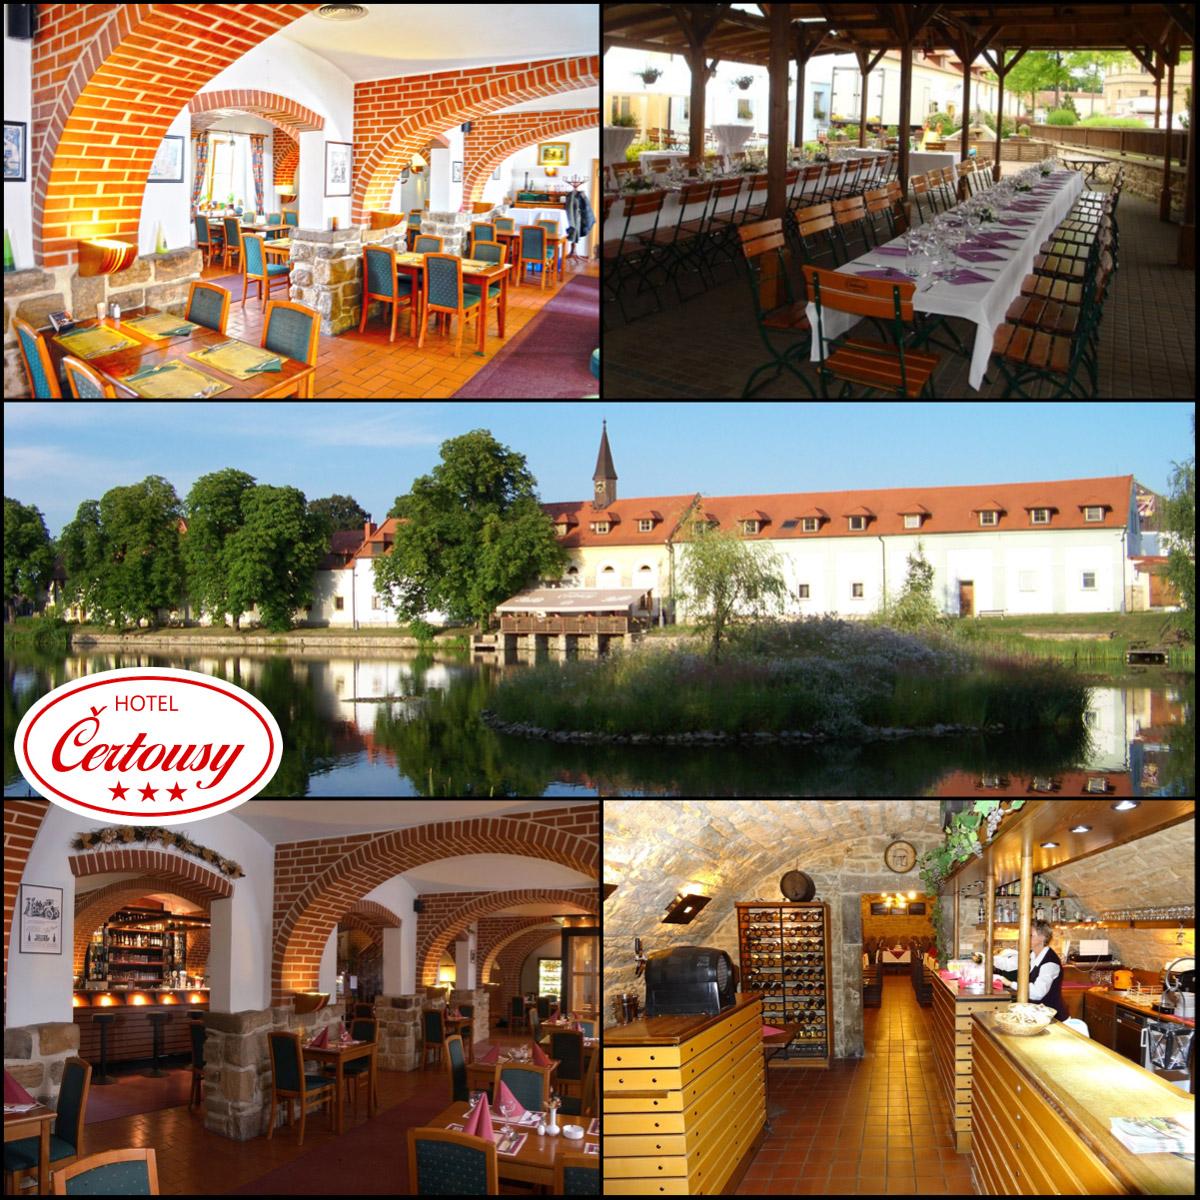 Restaurace Praha 9 – to je Hotel Čertousy se všemi možnostmi, od klasických restauračních jídel, až po pečení selete, grilování, bufety, vinný sklípek i další speciální cateringové služby.